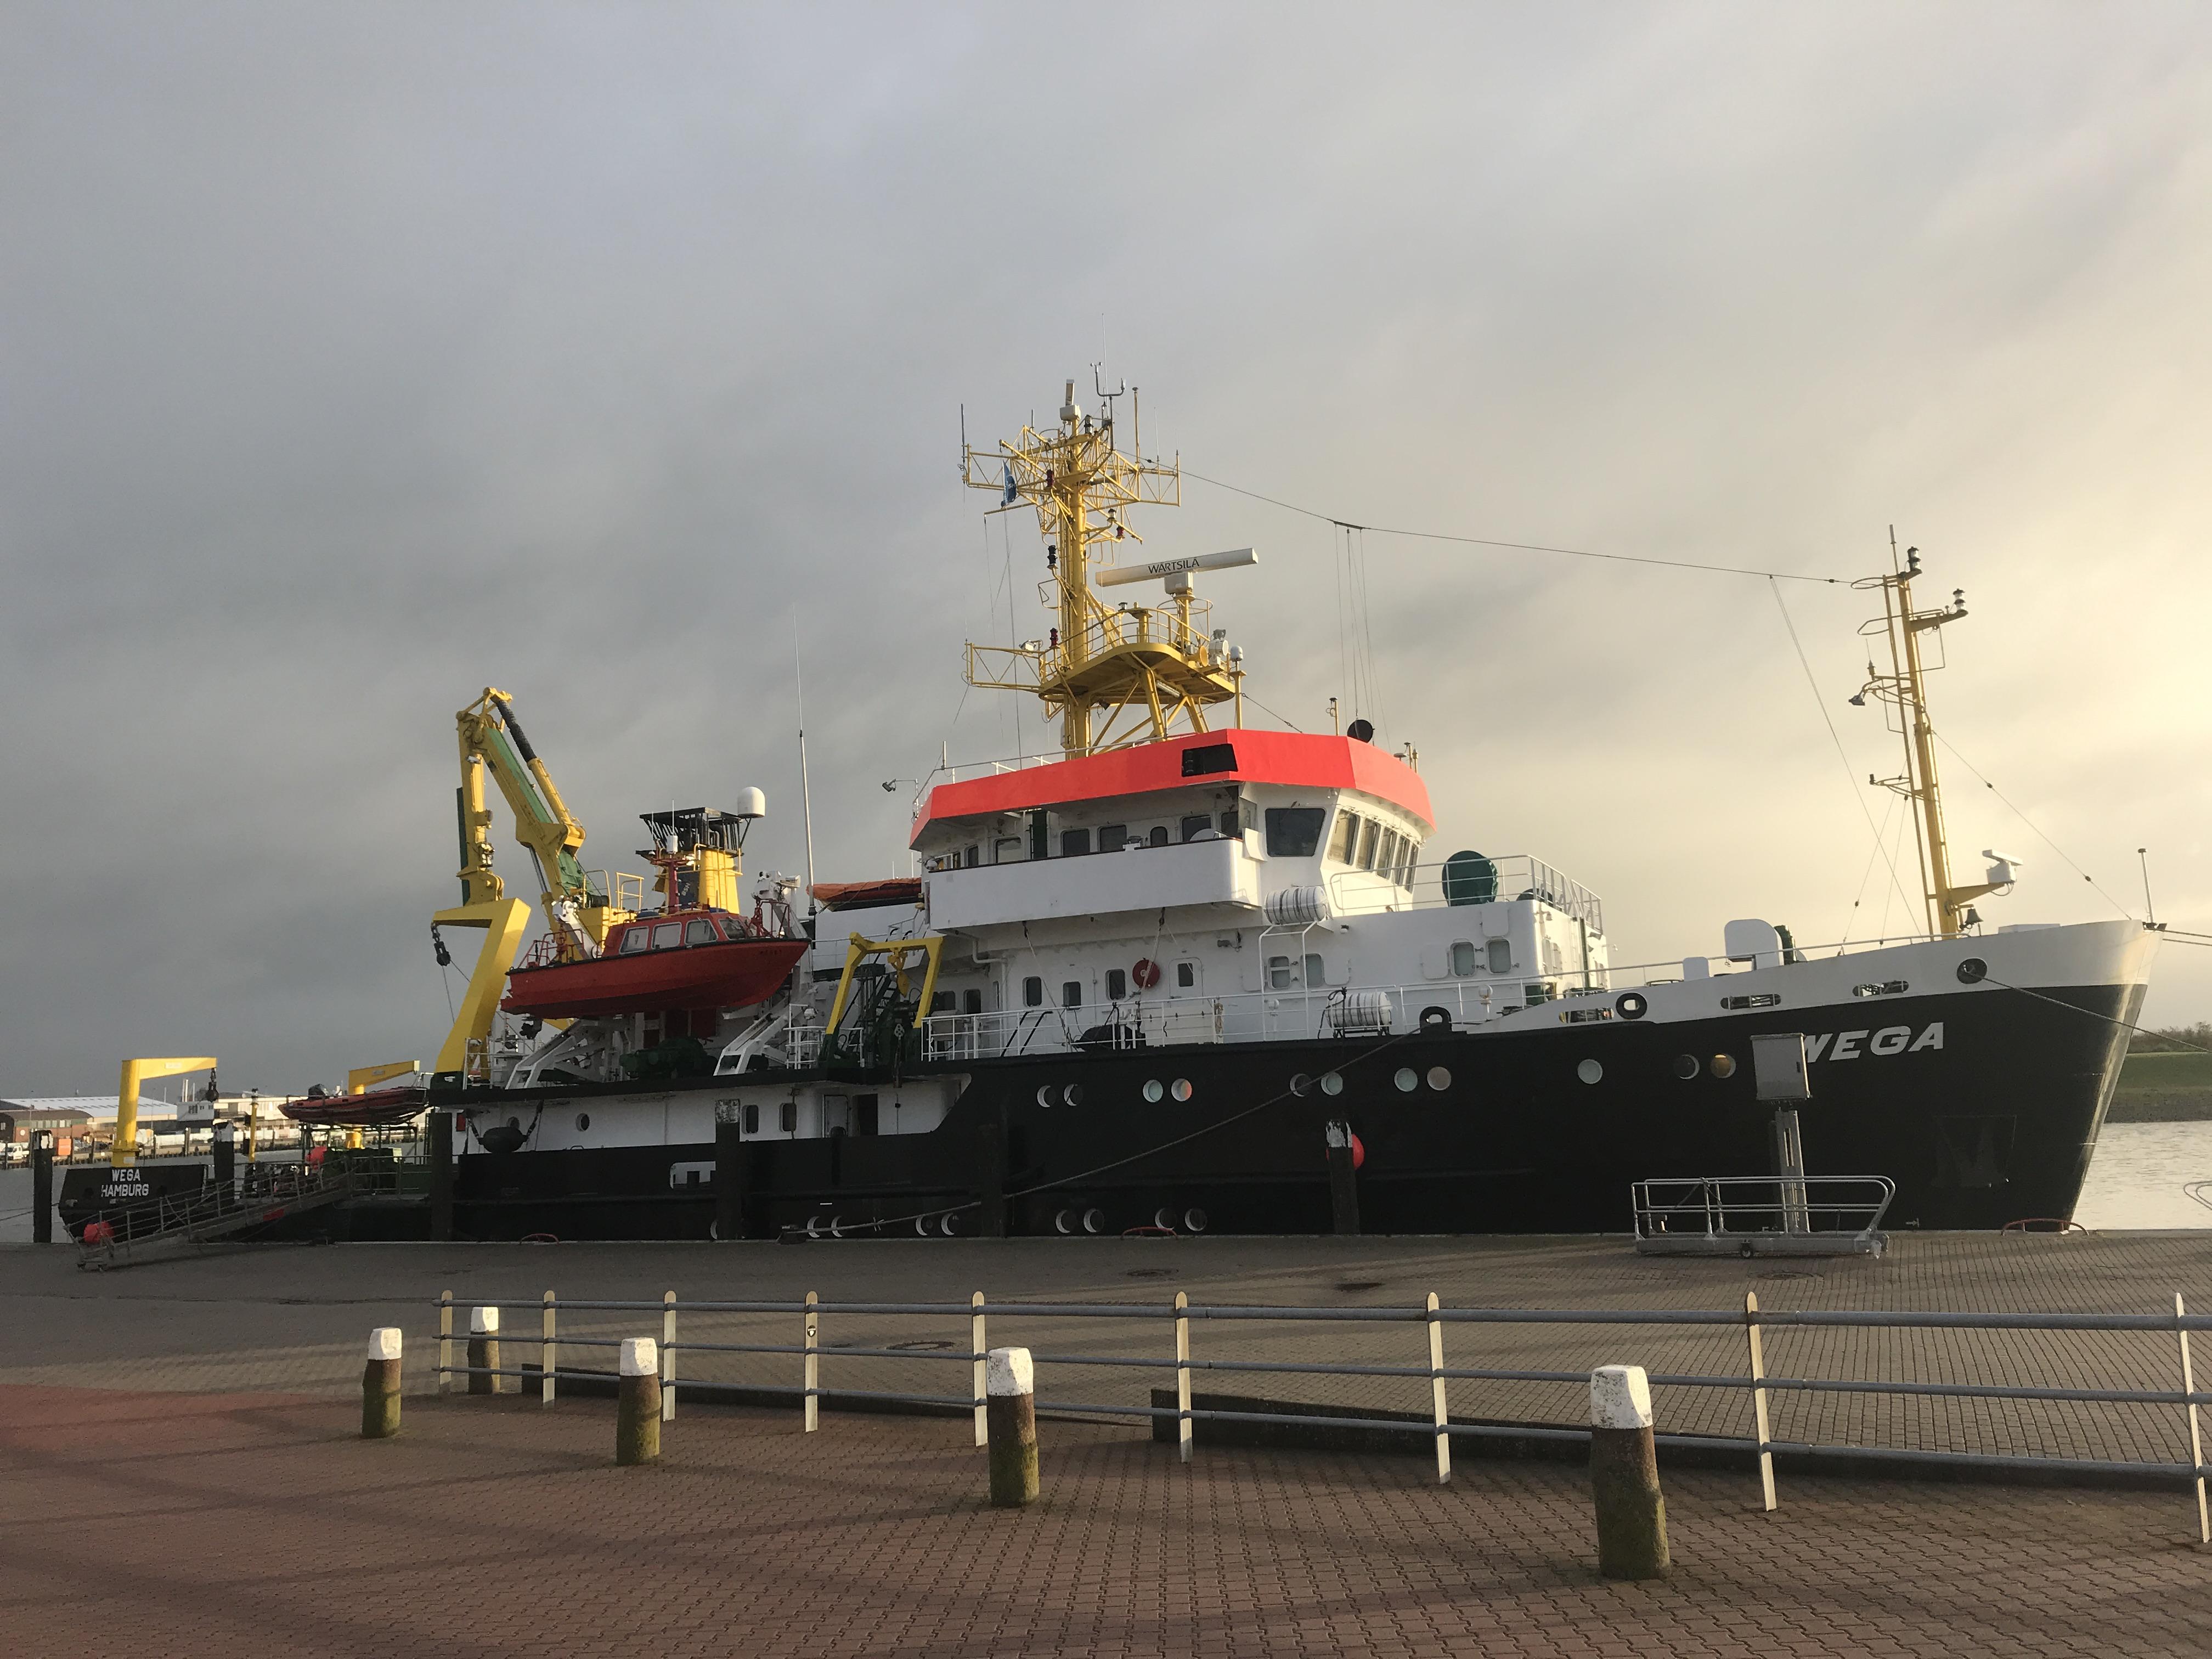 Hafen Norderney Wega